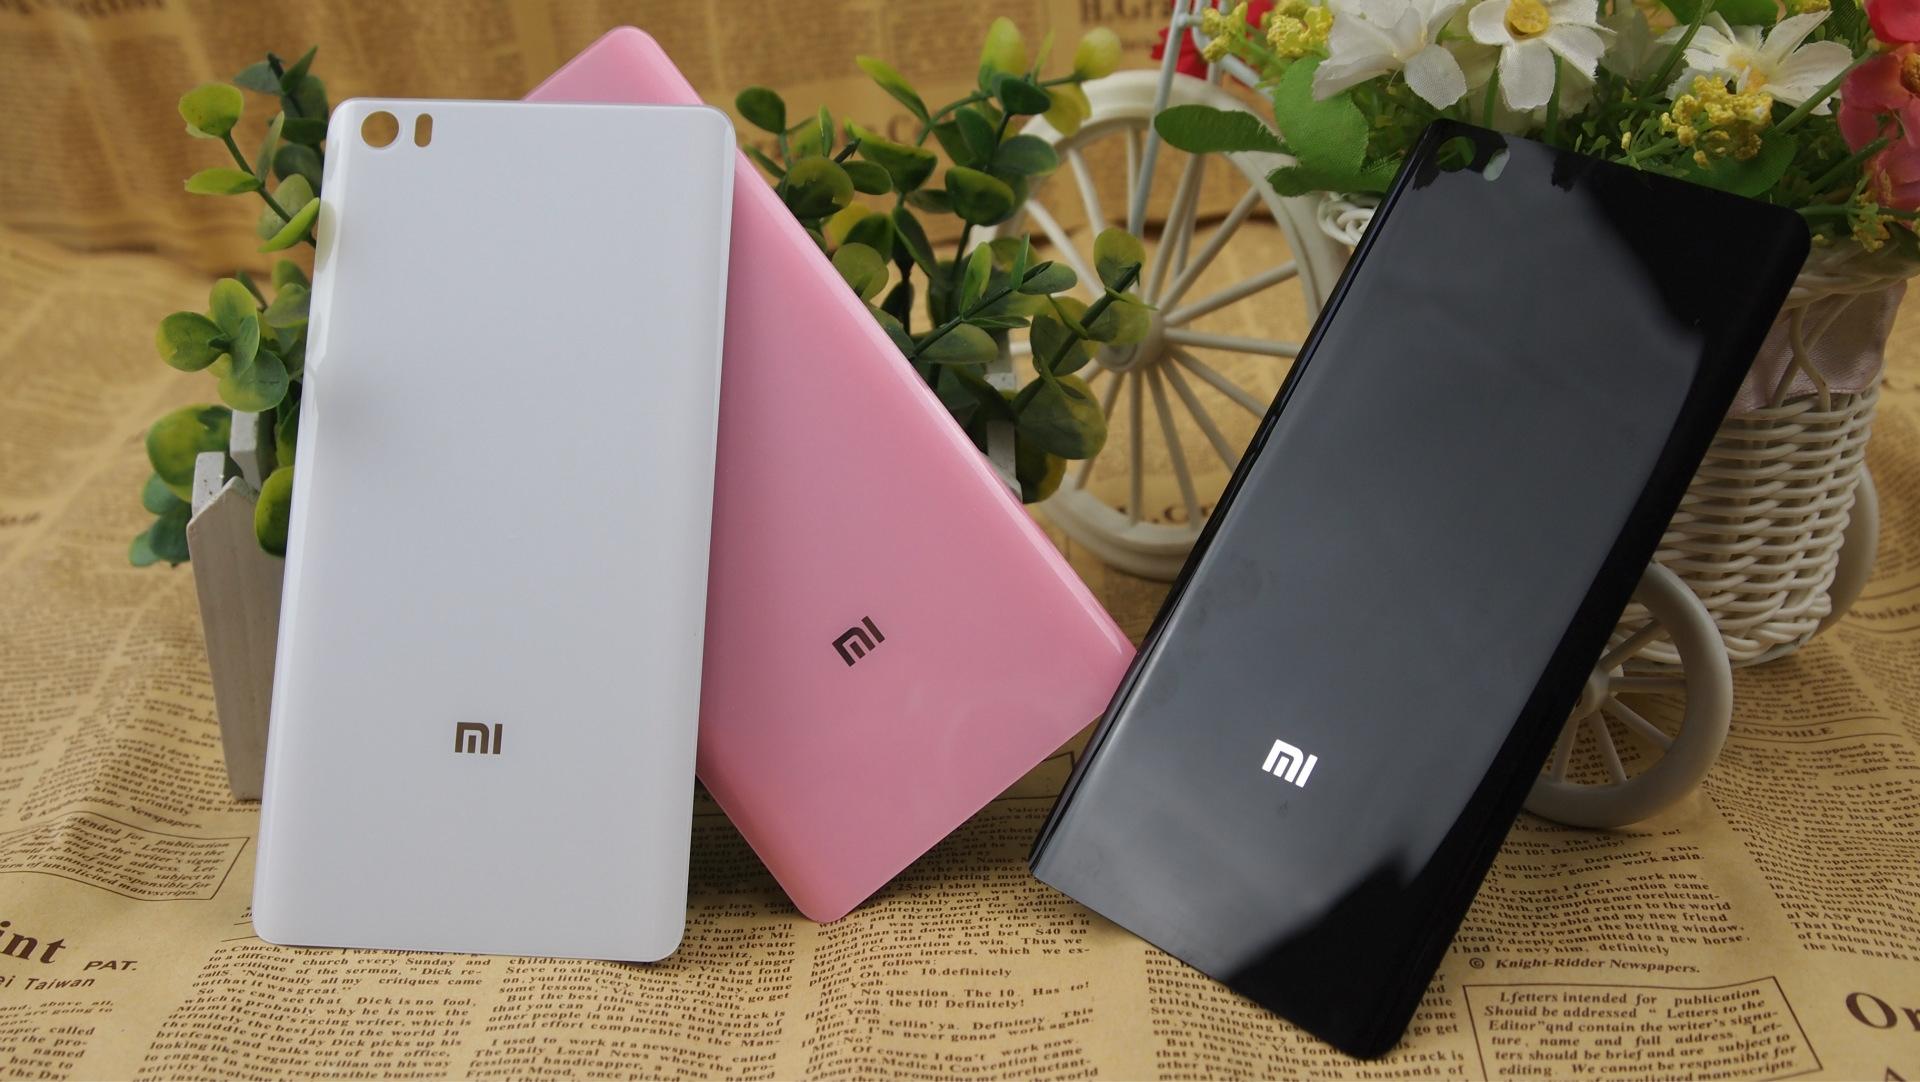 Thay kính nắp lưng Xiaomi: bị mỡ, phai màu hoặc muốn đổi màu